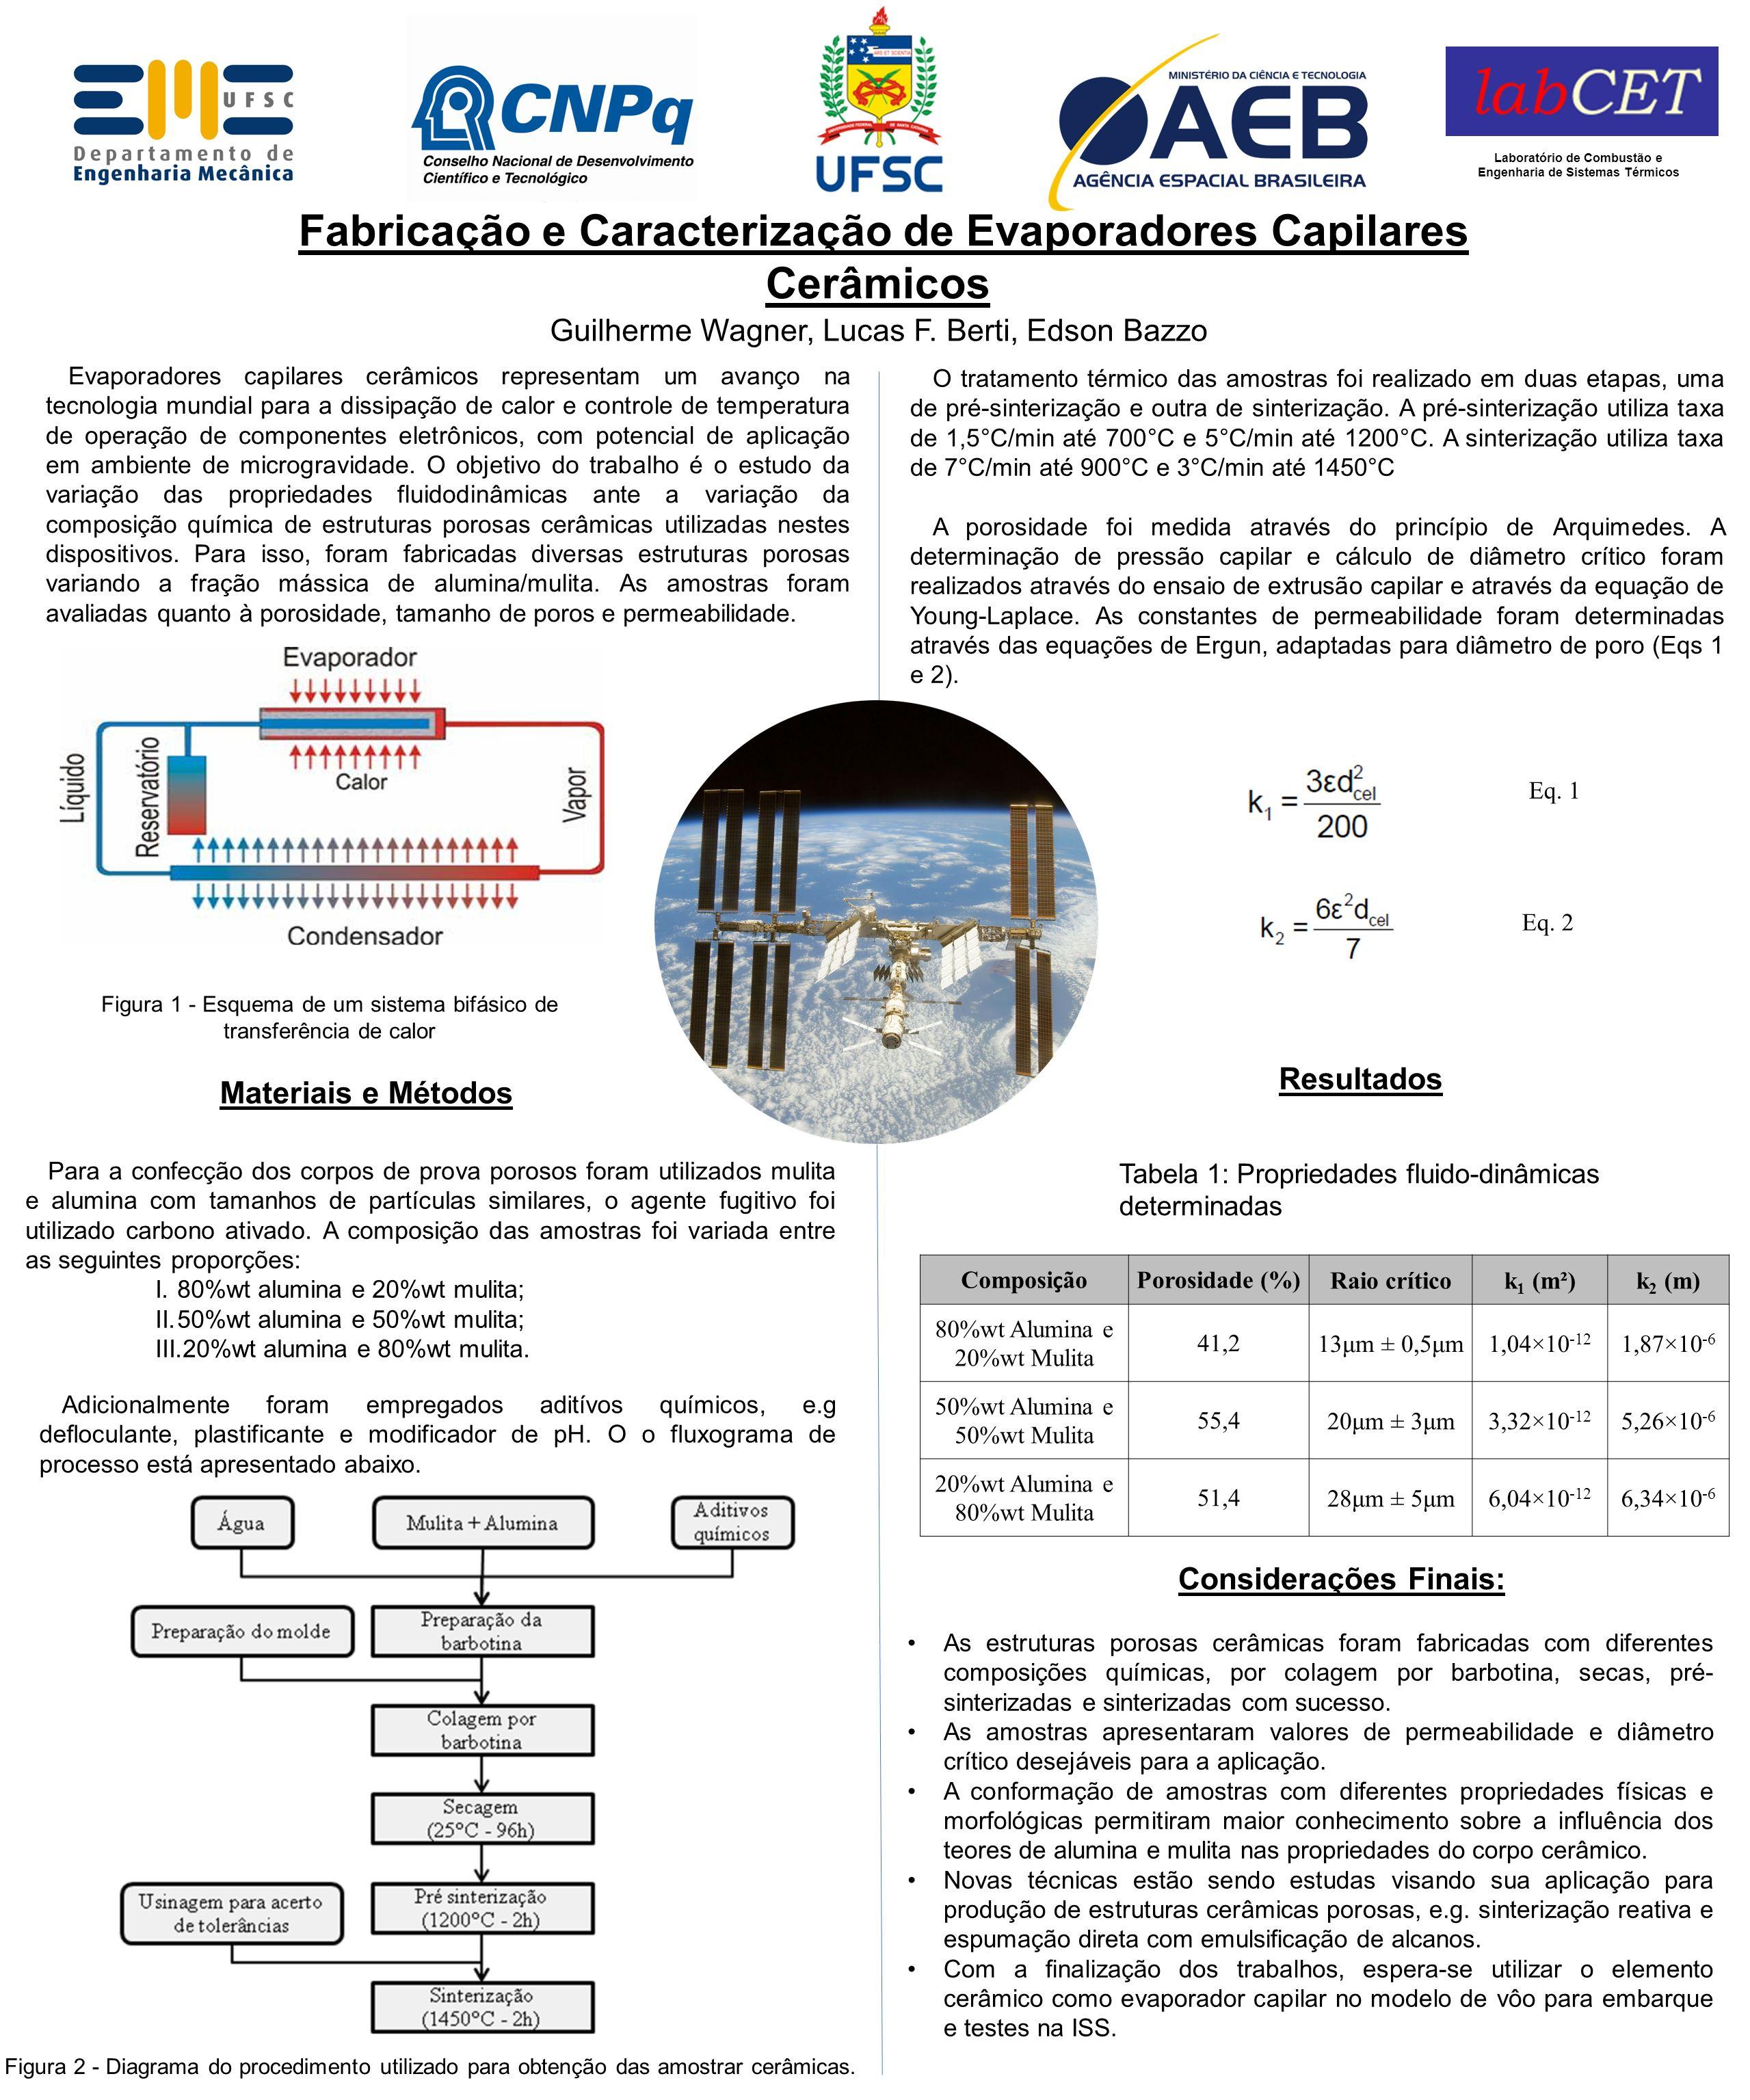 Fabricação e Caracterização de Evaporadores Capilares Cerâmicos